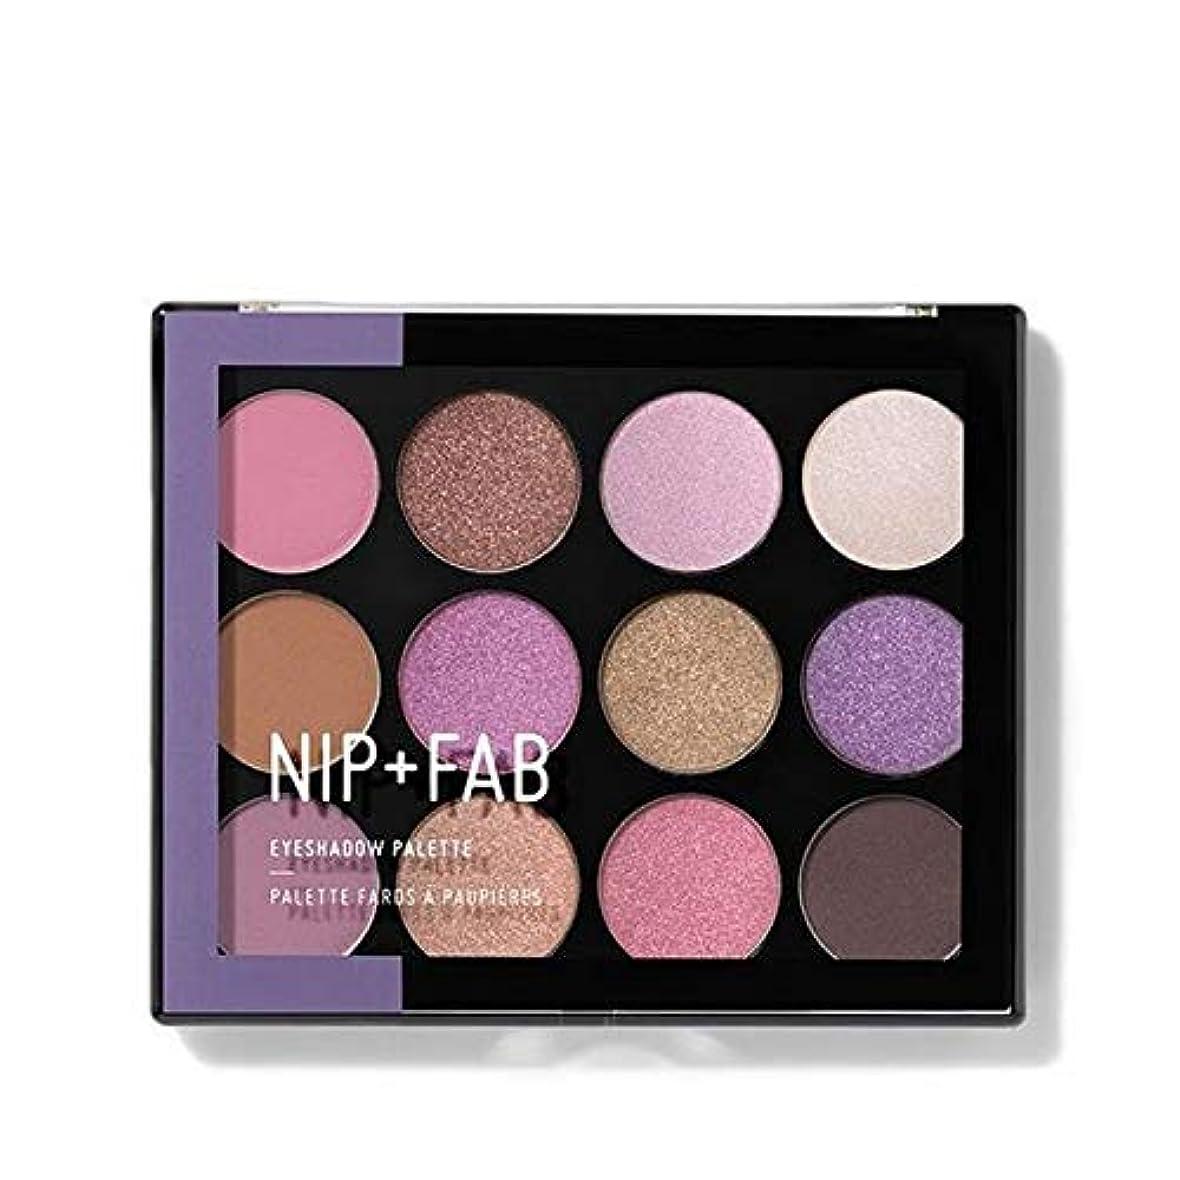 限りなく男らしさこんにちは[Nip & Fab ] アイシャドウパレット5を構成するFab +ニップ - NIP+FAB Make Up Eyeshadow Palette 5 [並行輸入品]